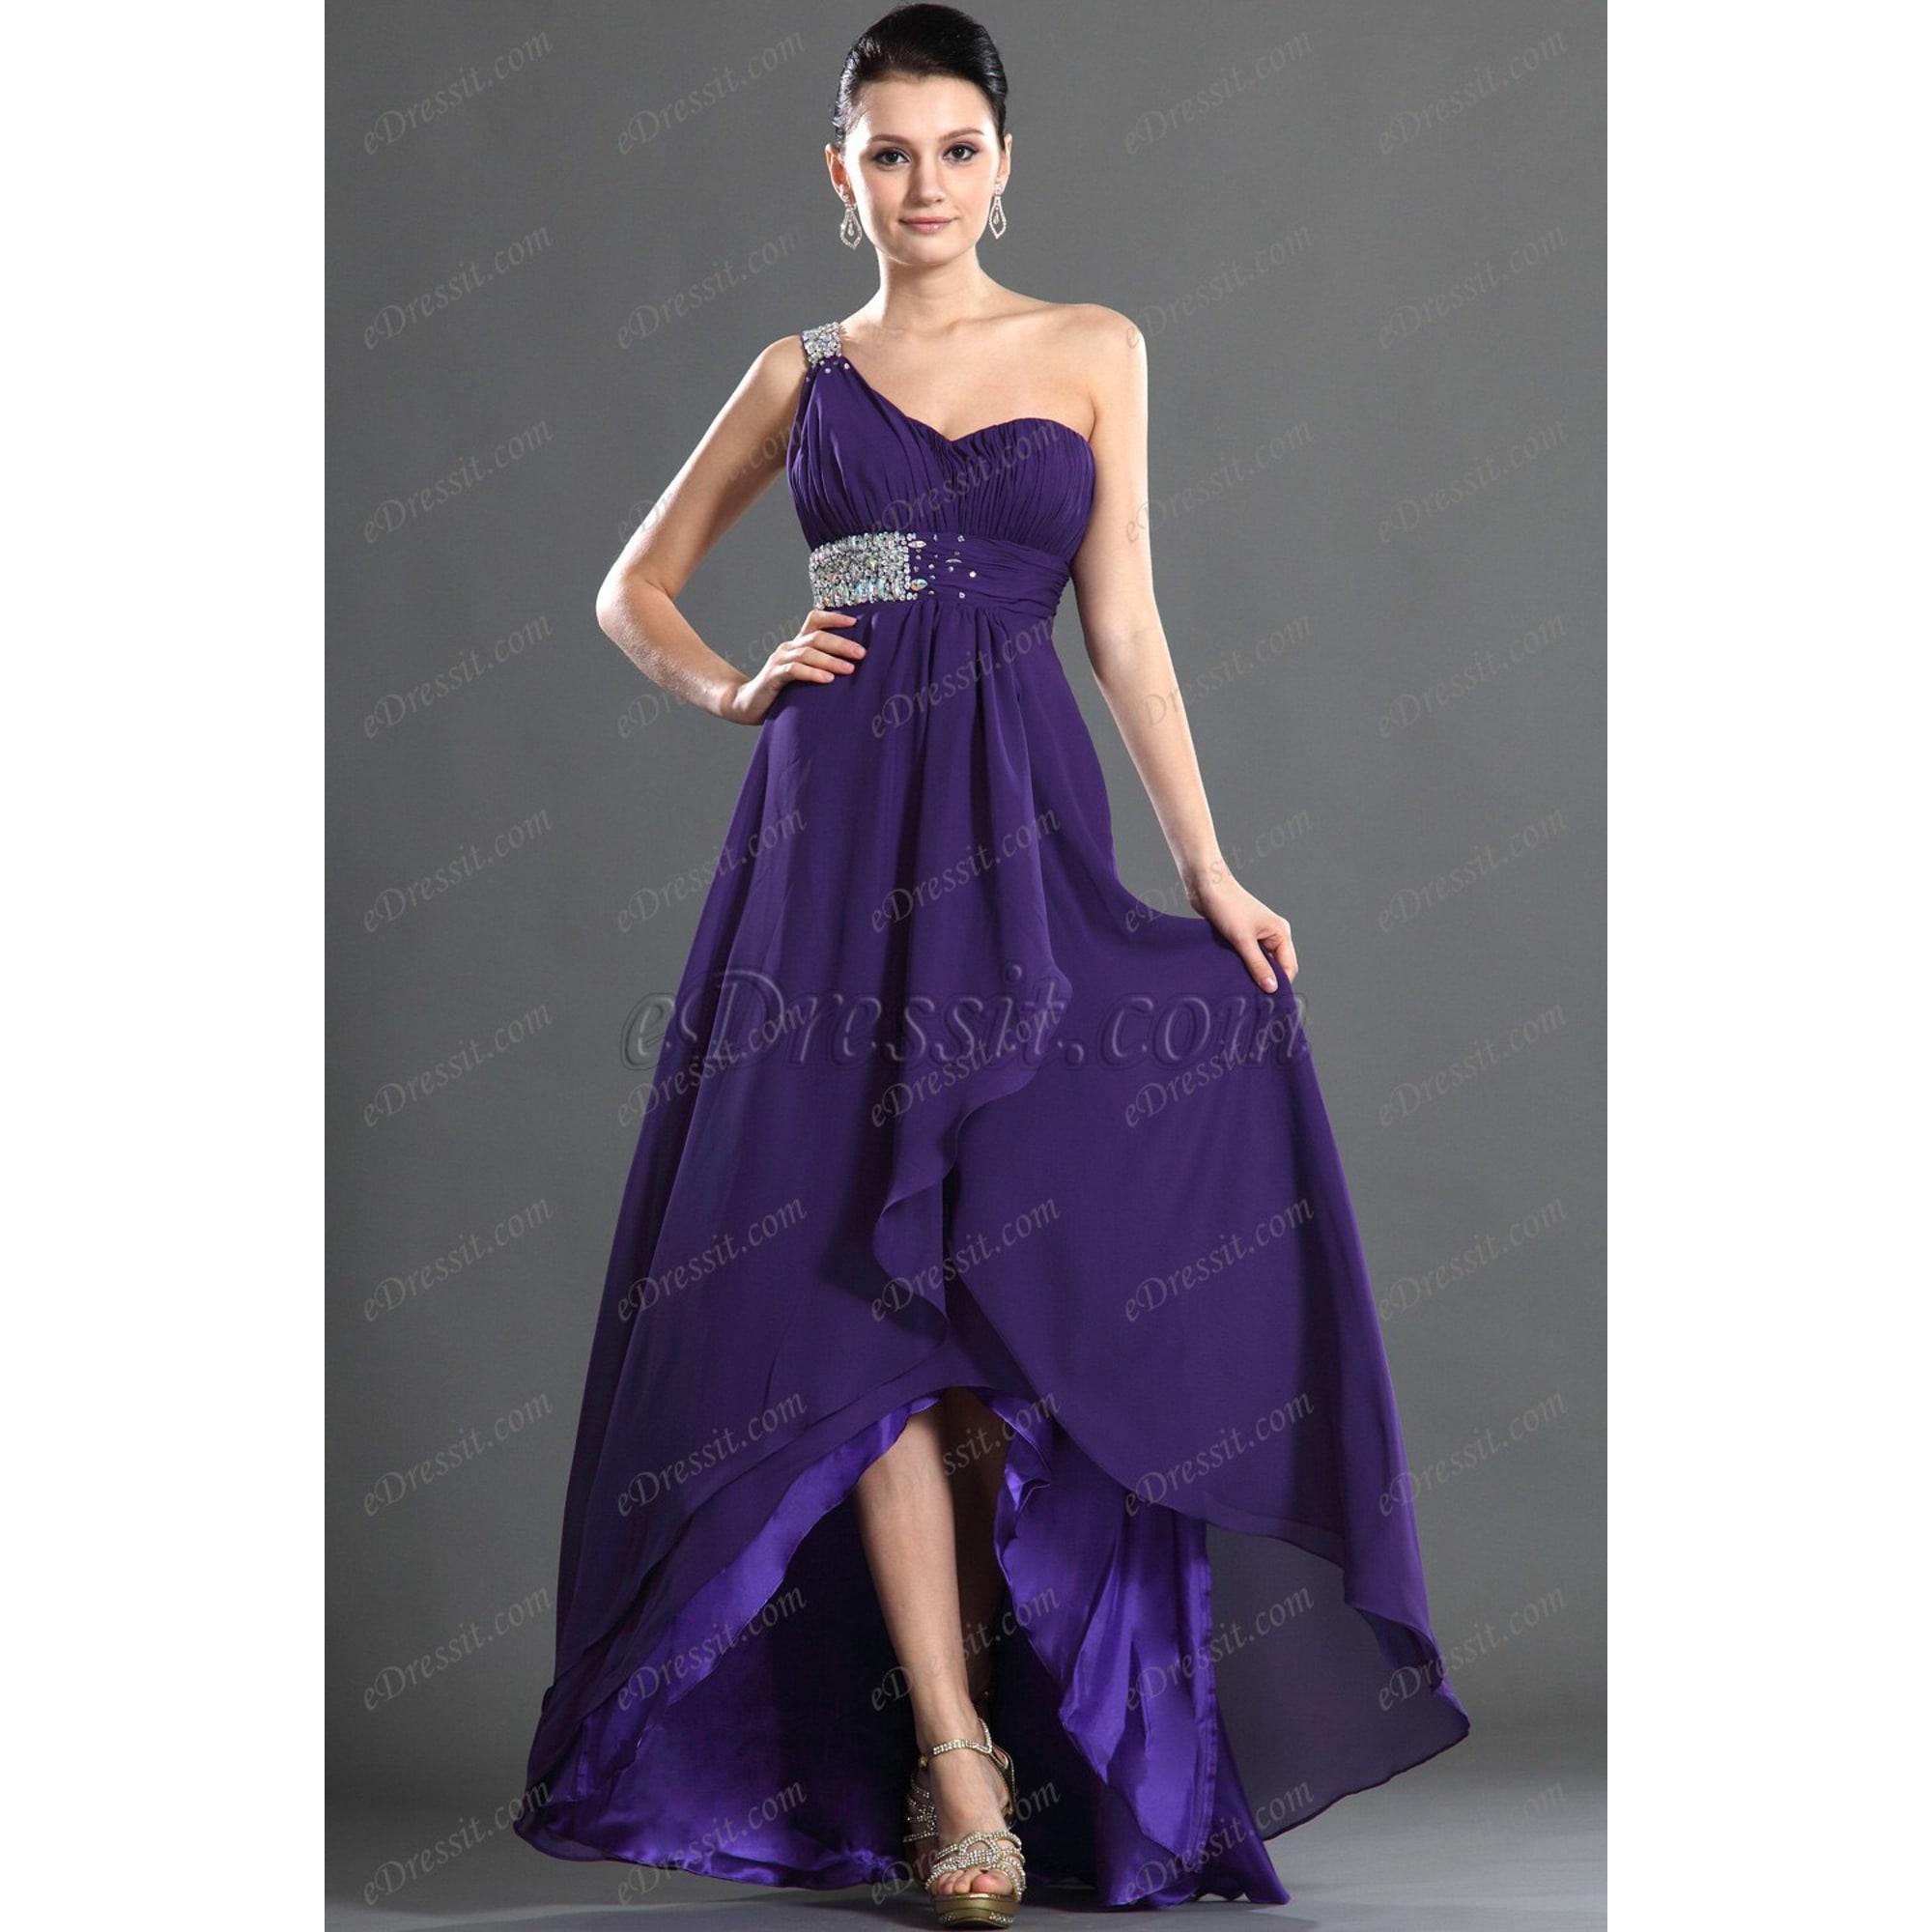 Robe longue EDRESSIT Violet, mauve, lavande